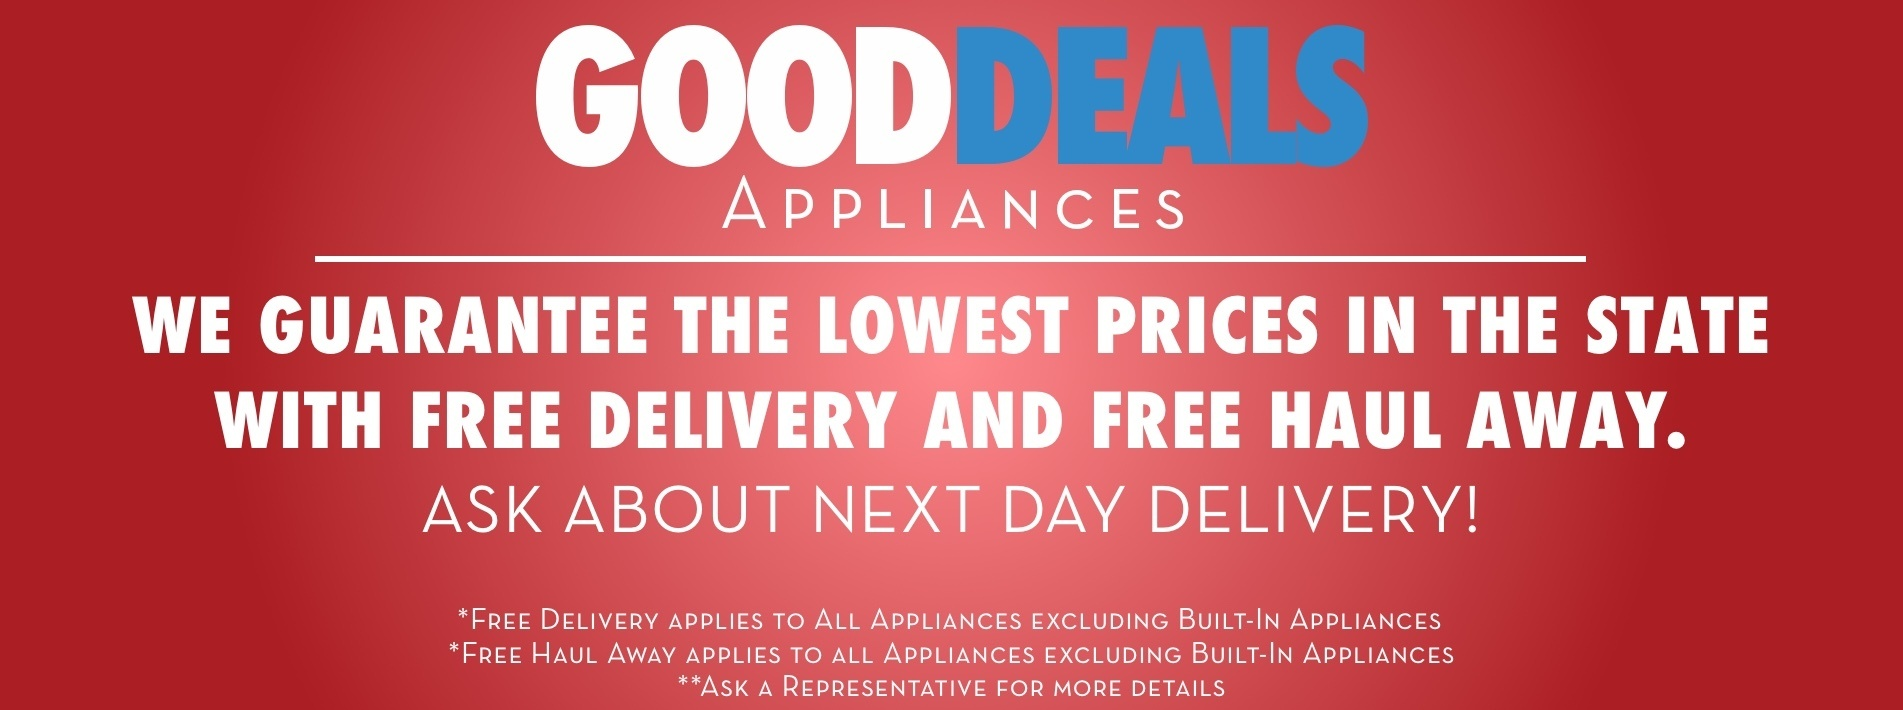 Good Deals Guarantee